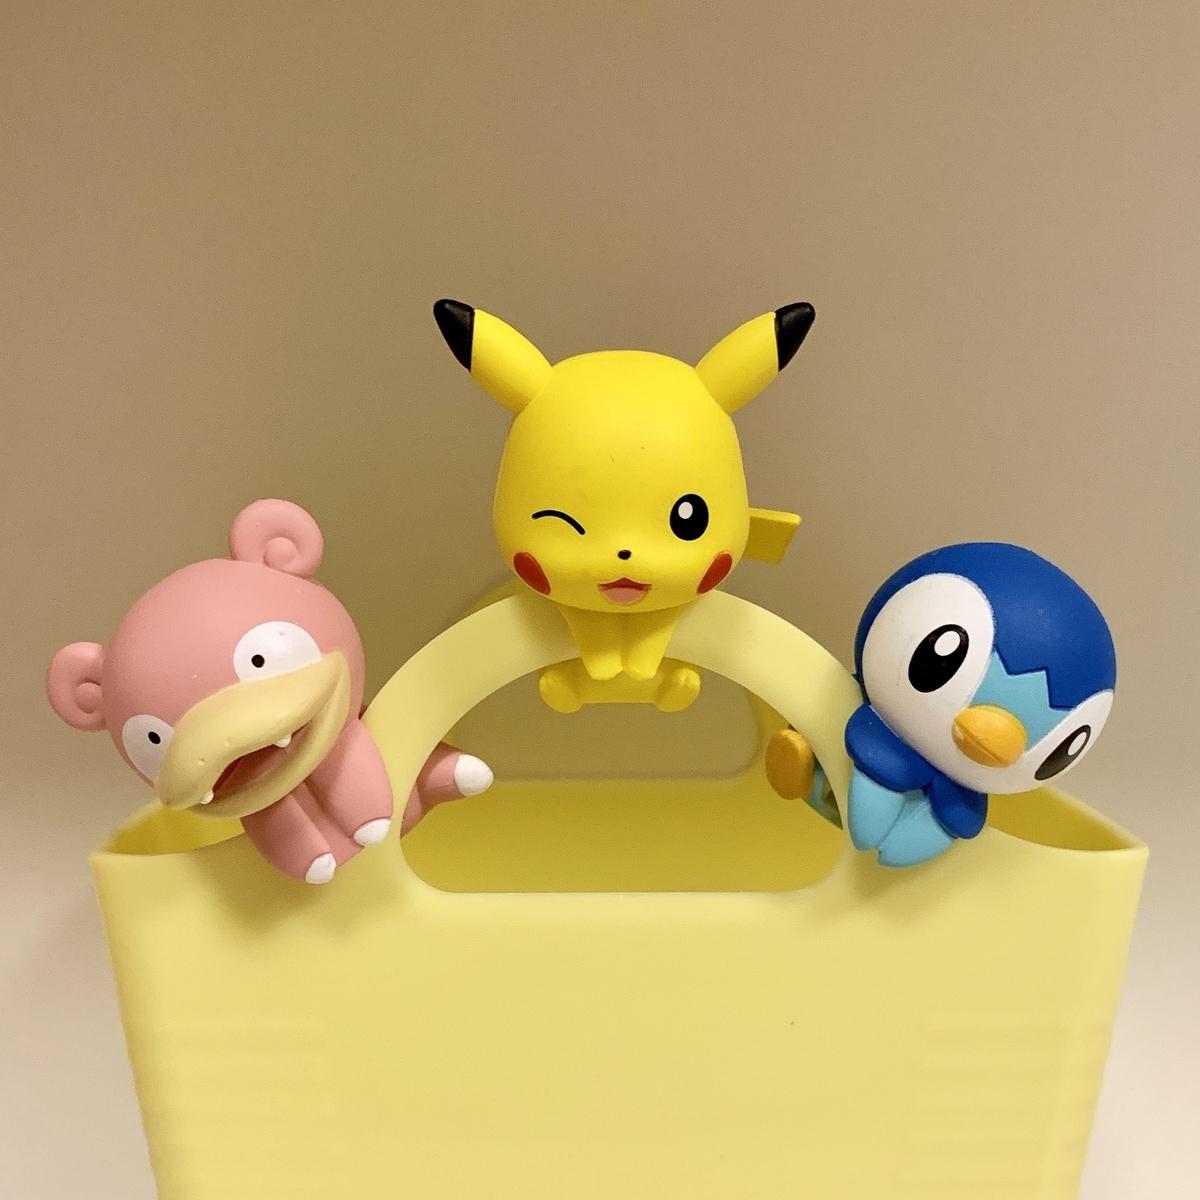 f:id:pikachu_pcn:20191226224325j:plain